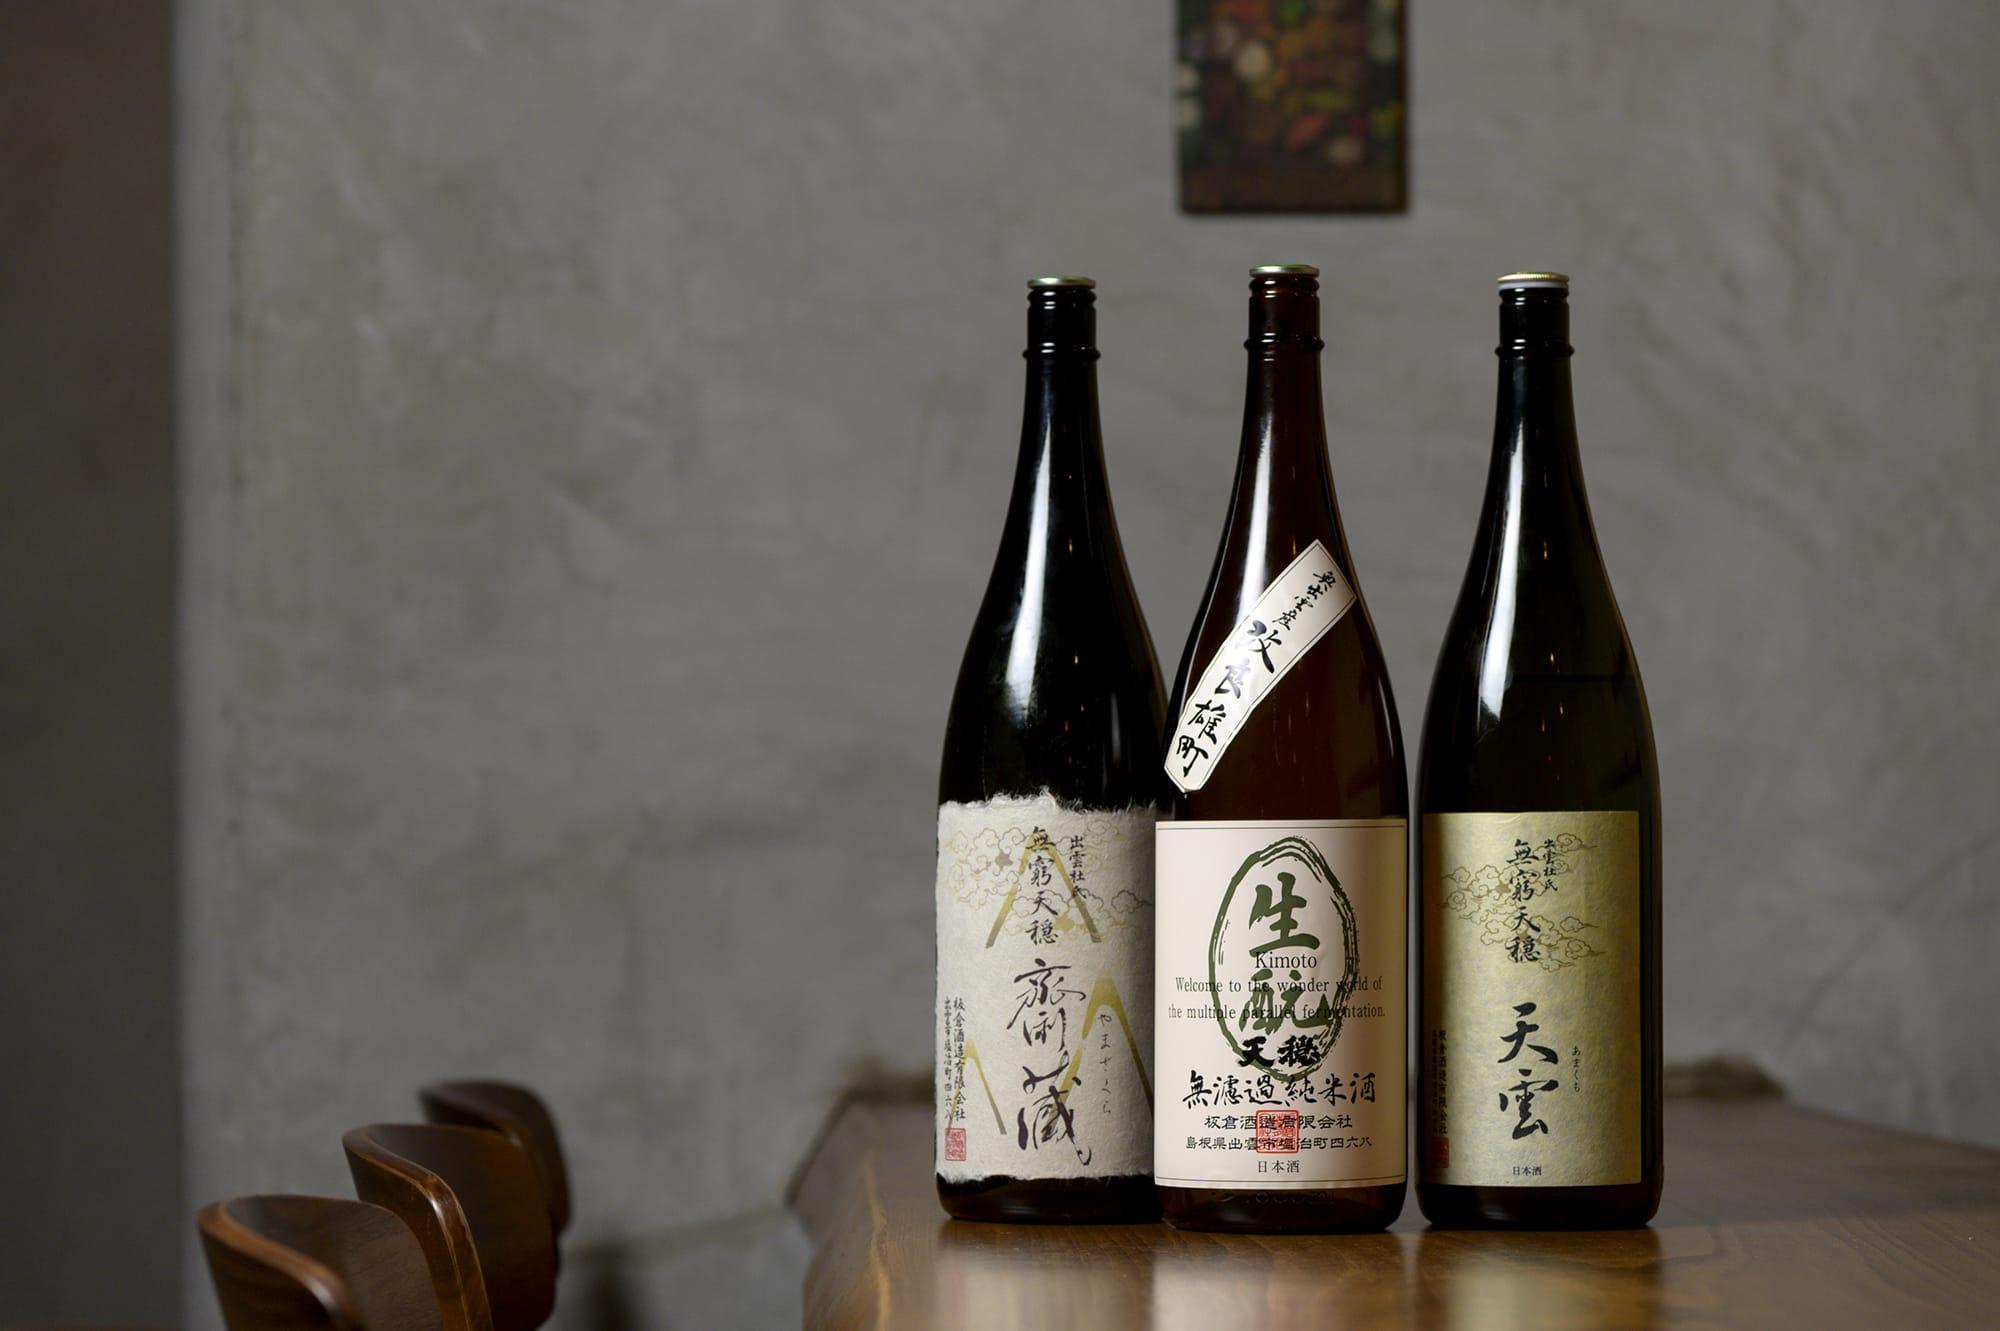 日本酒は島根県出雲市の板倉酒造の純米造り「天穏」で揃えている。